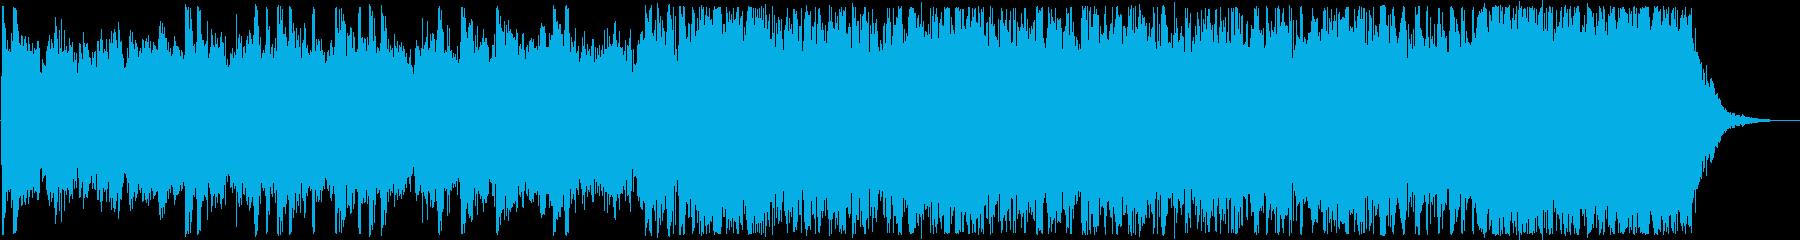 ハードロック、ヘビーメタル25秒ジングルの再生済みの波形